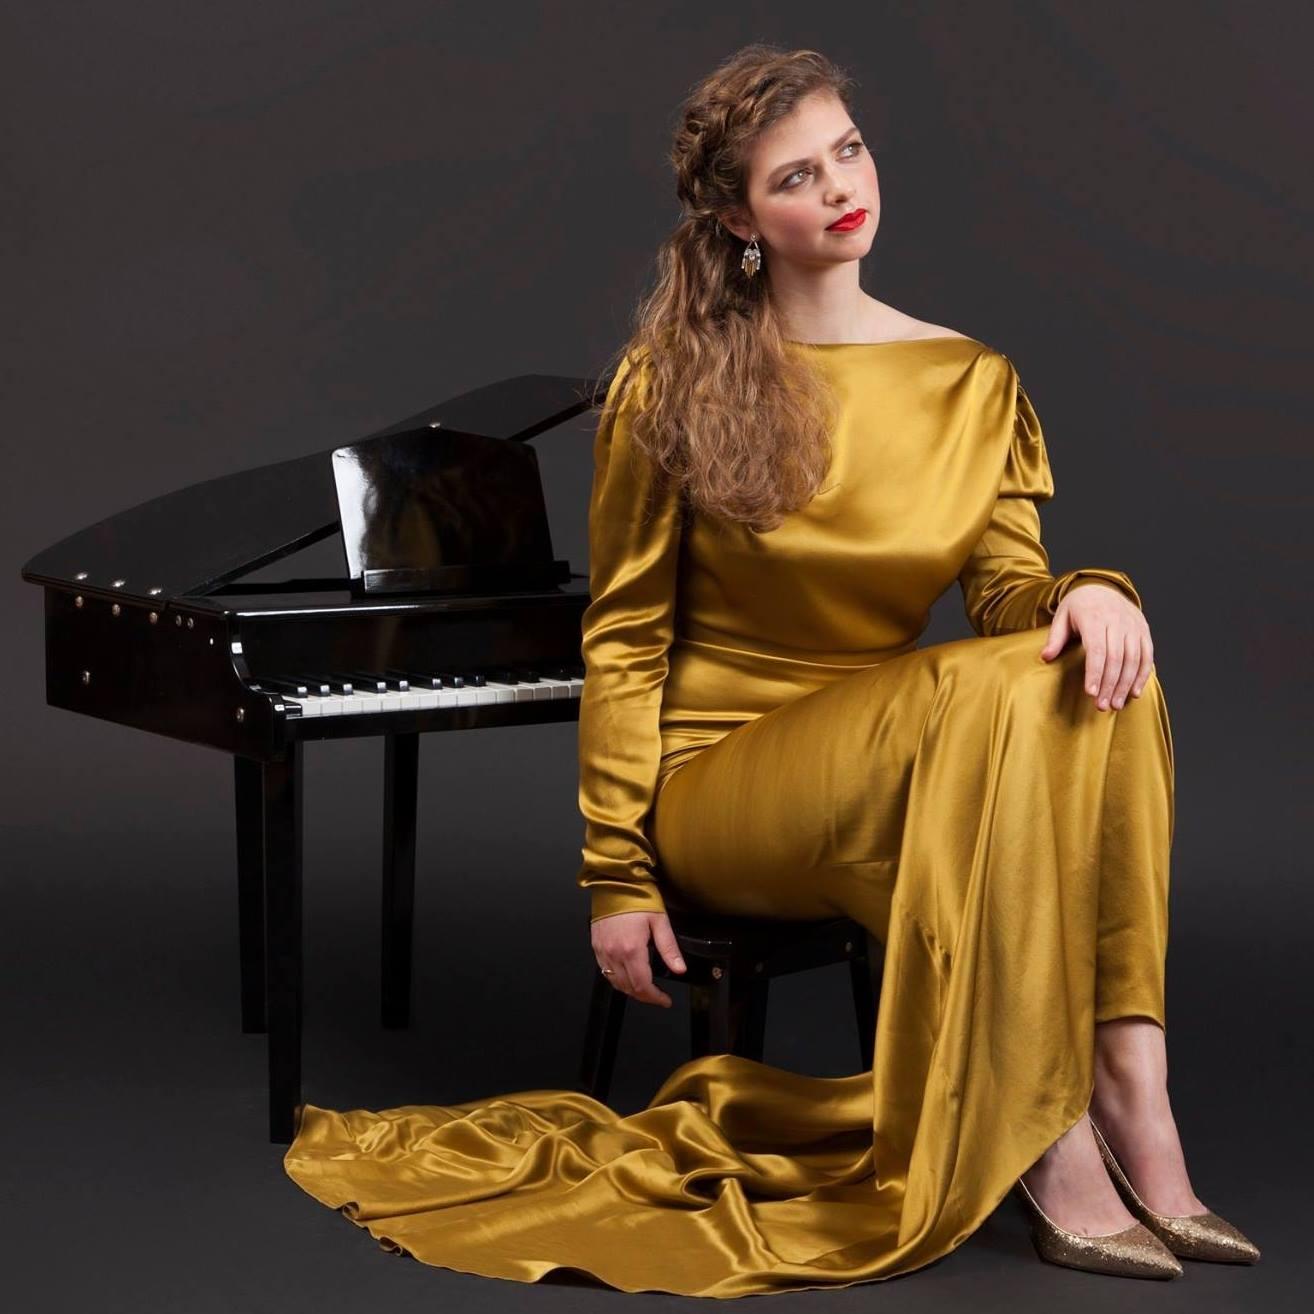 2019年丹麦女钢琴家伊丽莎白.尼尔森